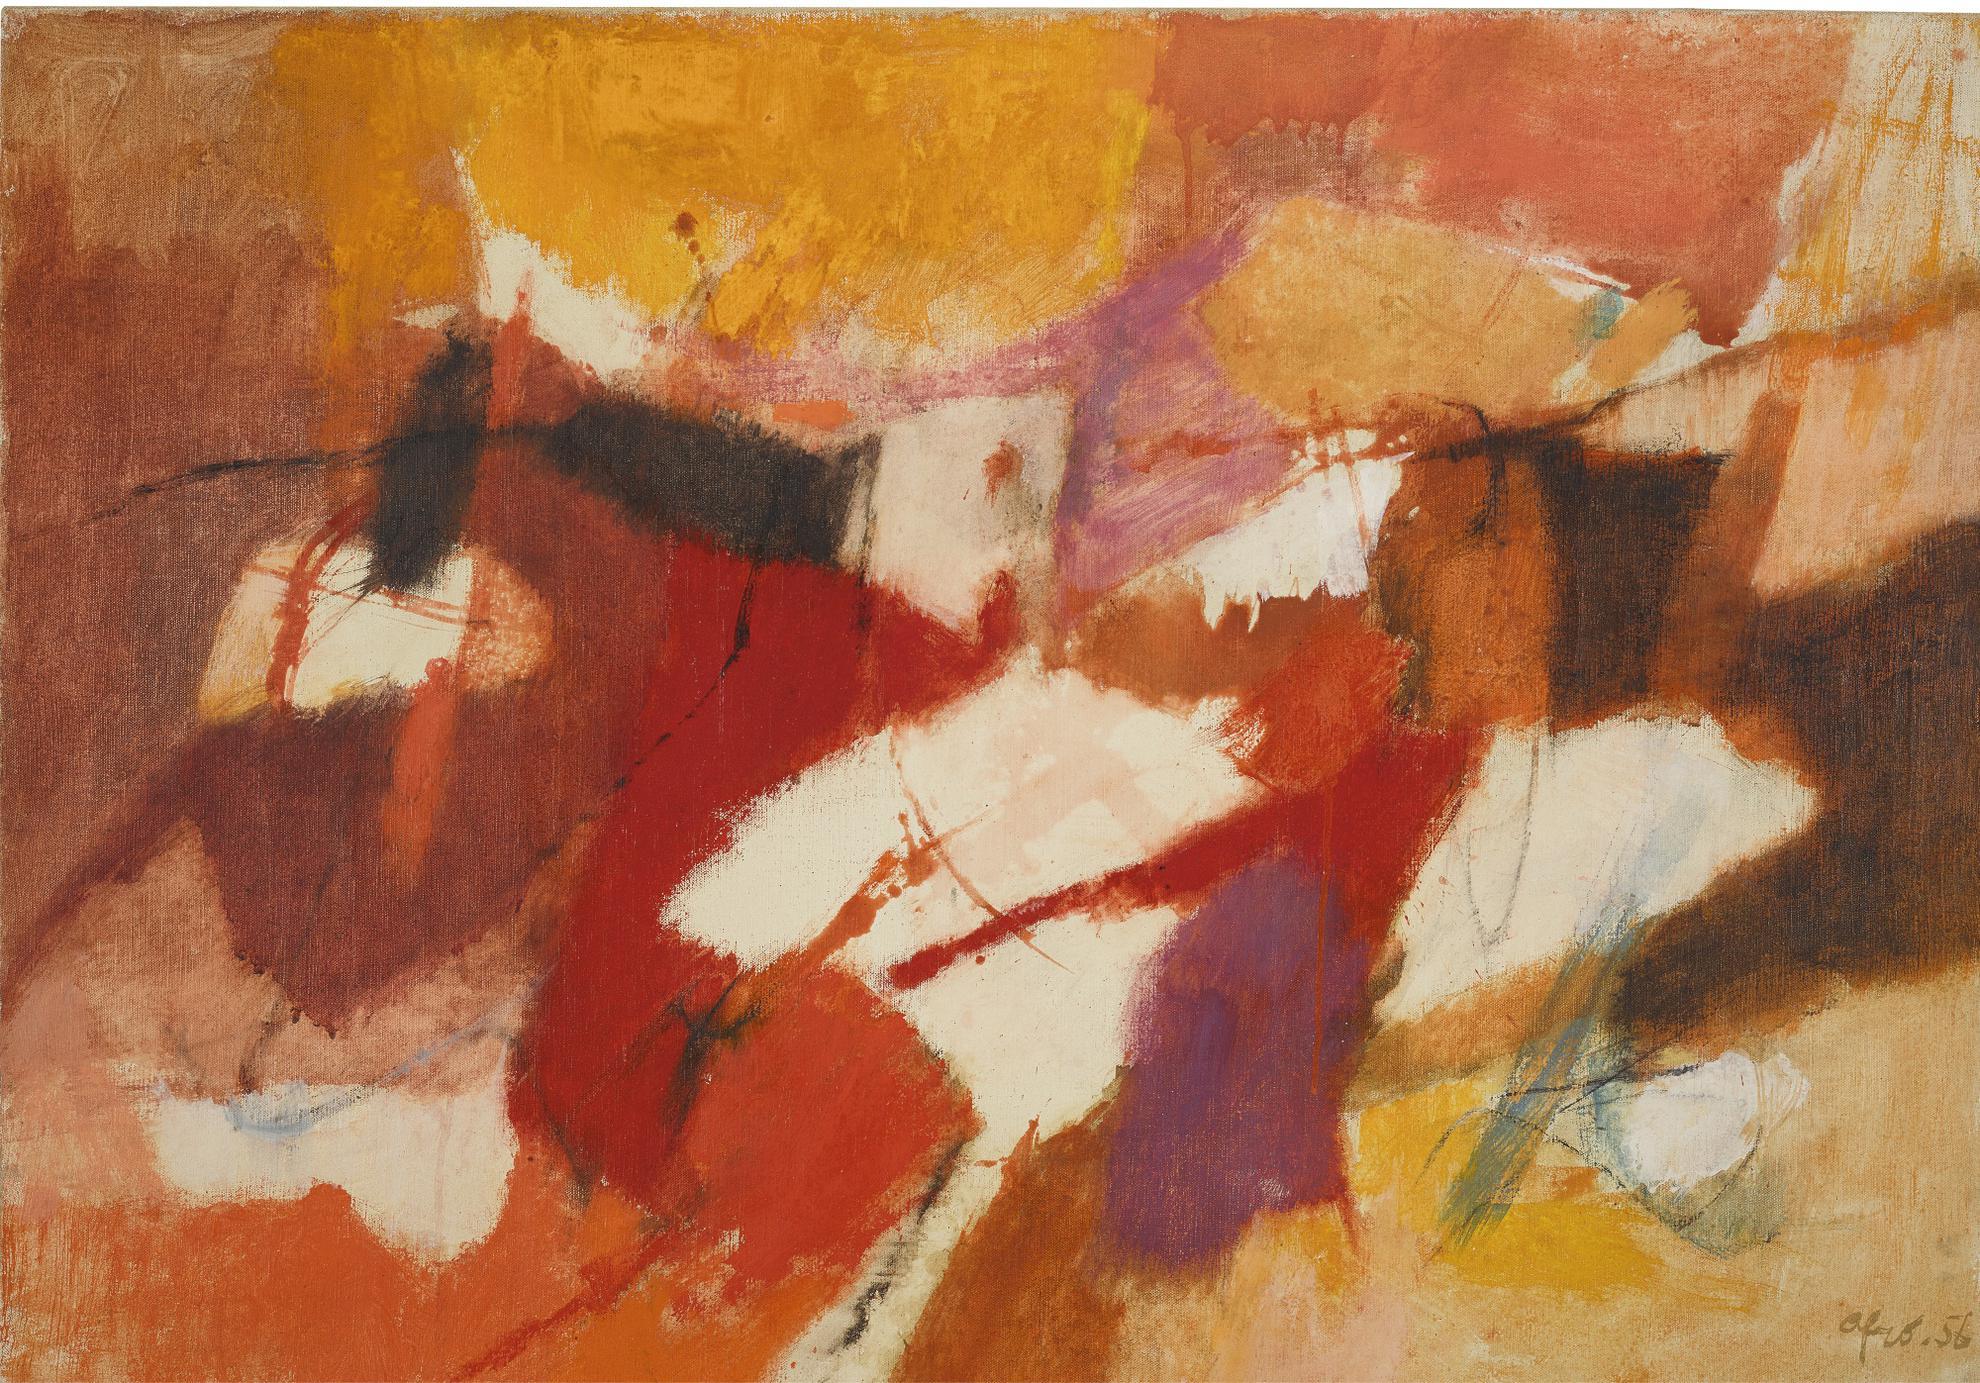 Afro Basaldella-Composizione Rosso Giallo-1956